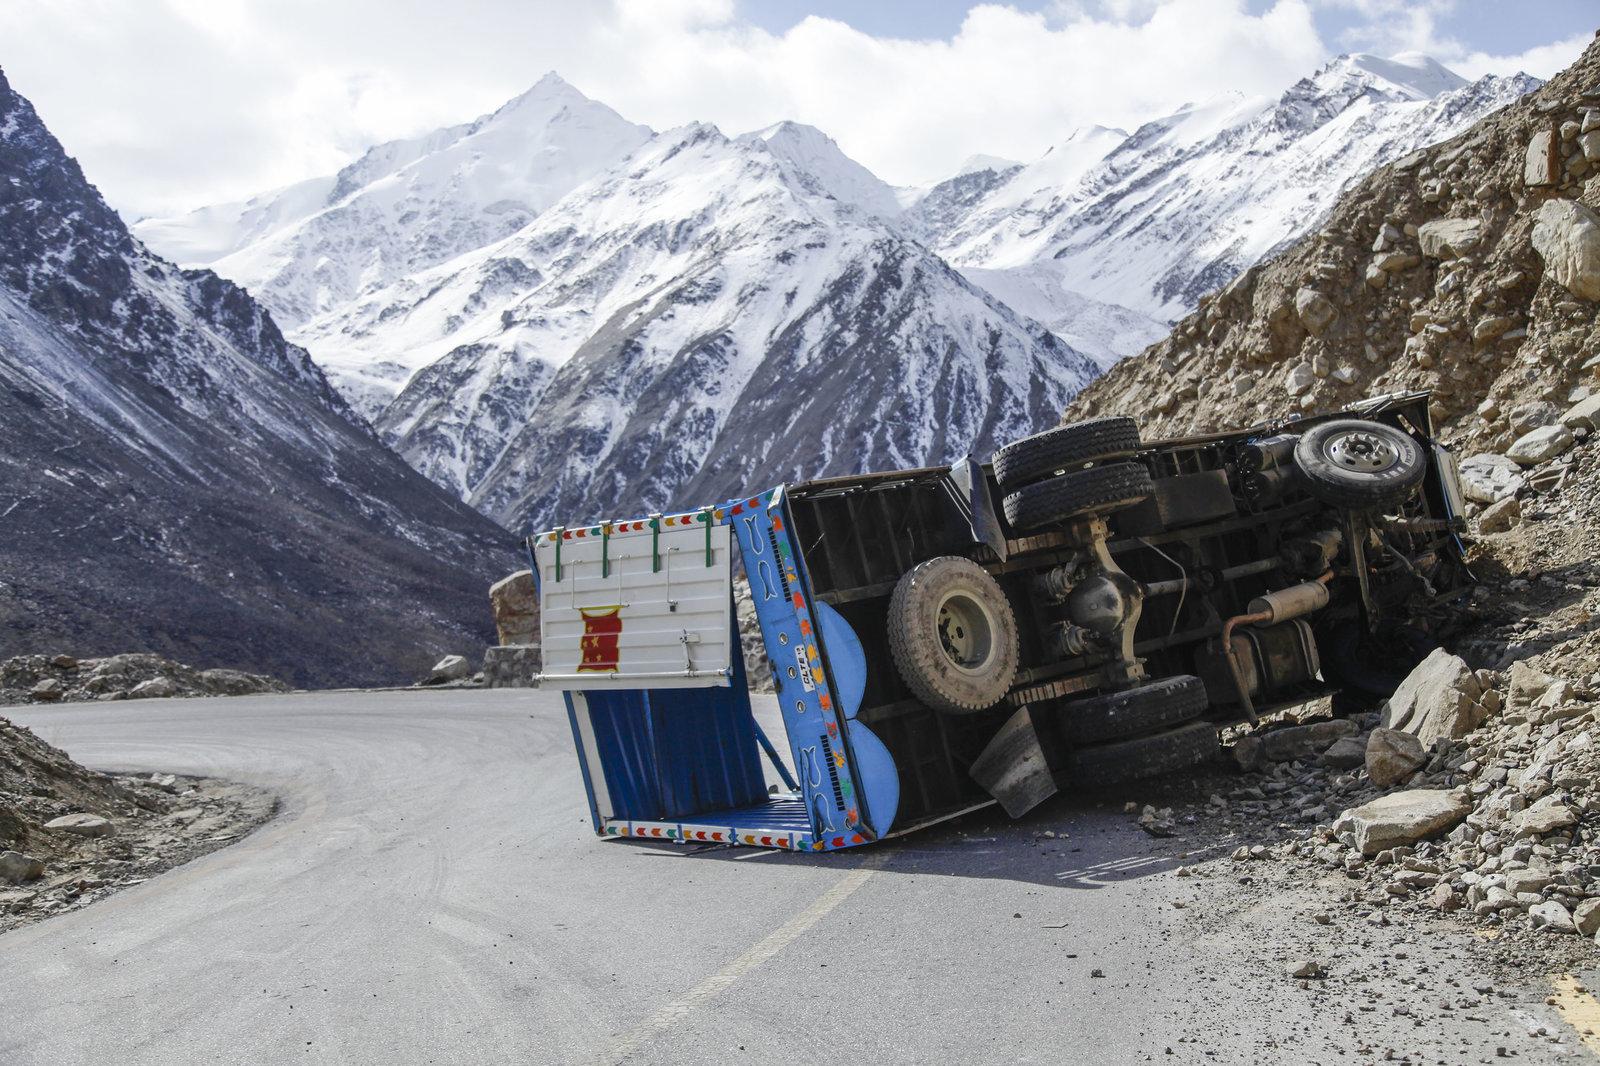 中国在巴基斯坦山区高速公路沿线投资了数十亿美元